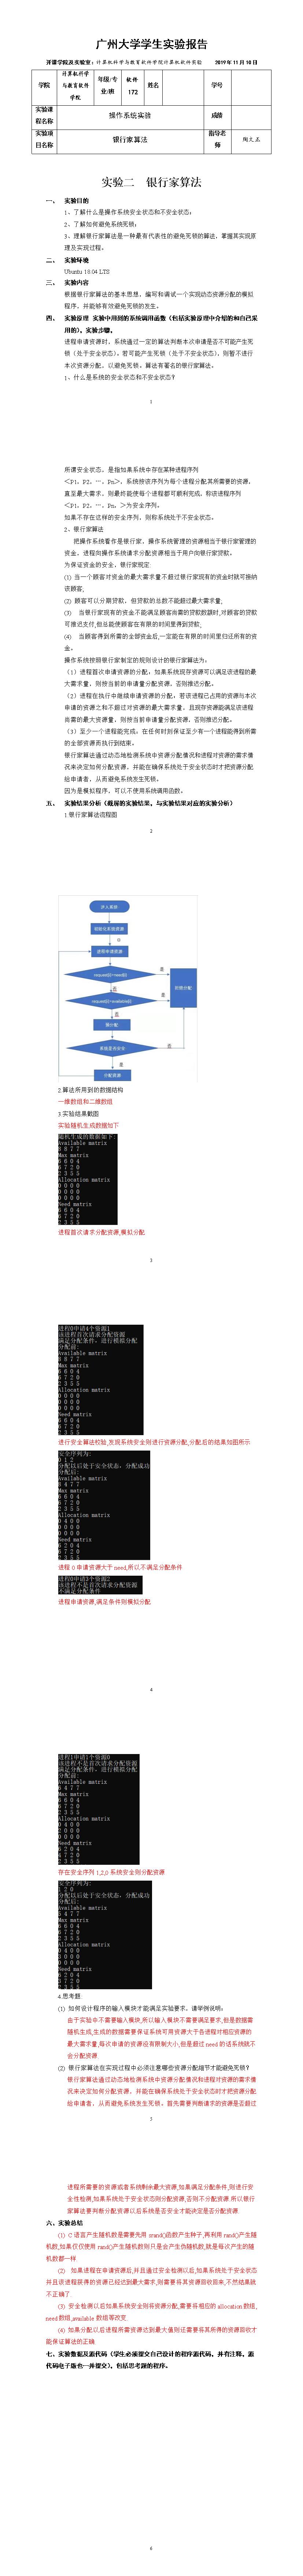 2019广州大学操作系统实验二